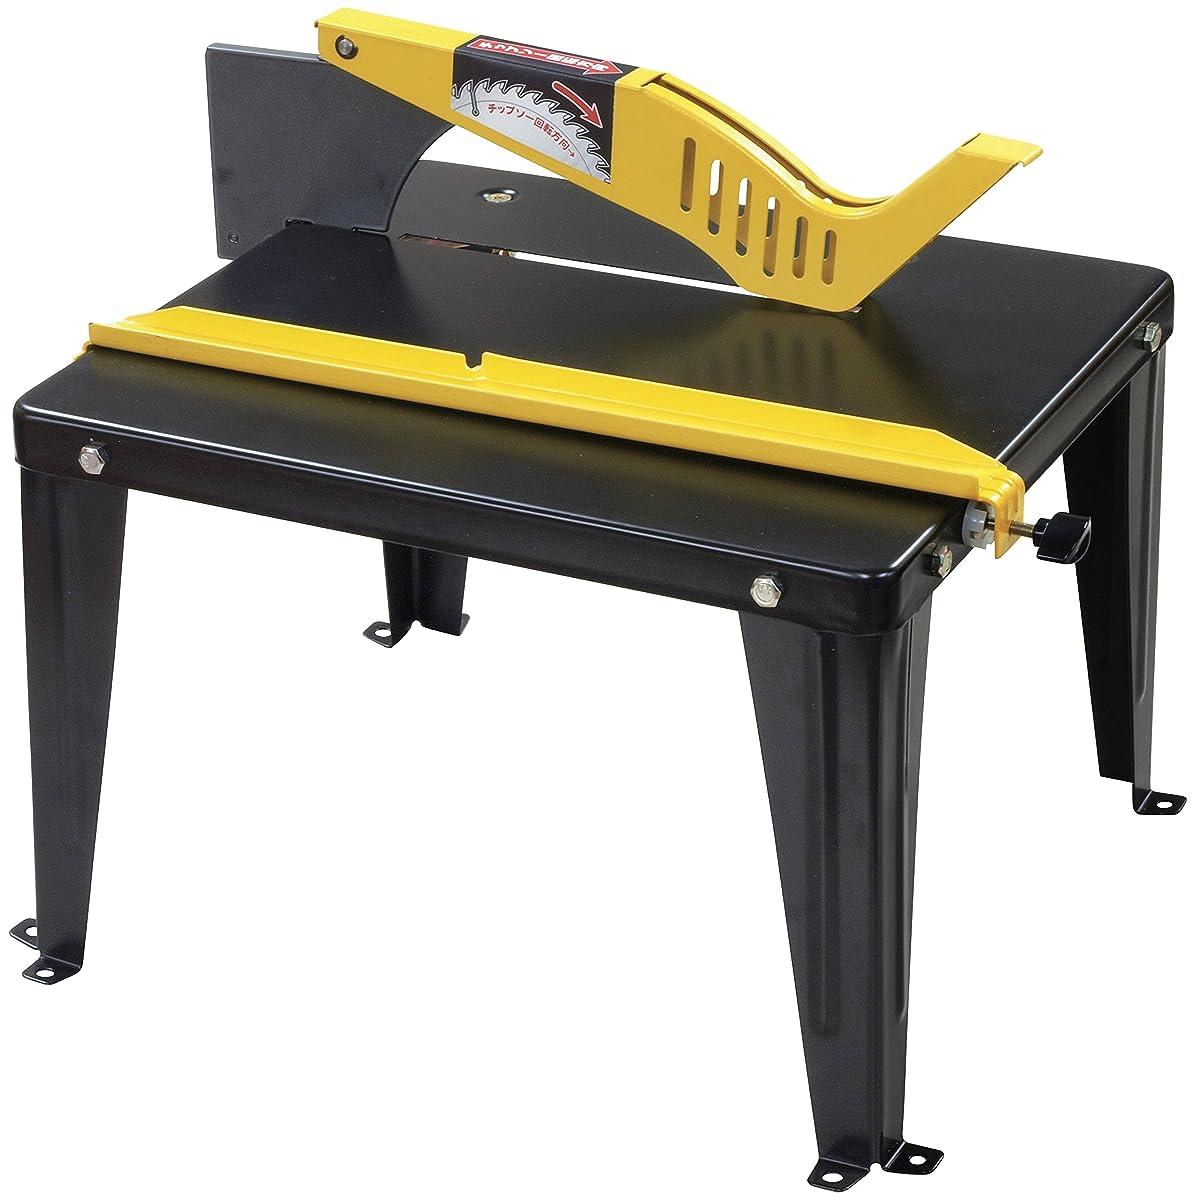 測る名義でモーターパオック(PAOCK) 丸のこ専用ワークテーブル WT-CS